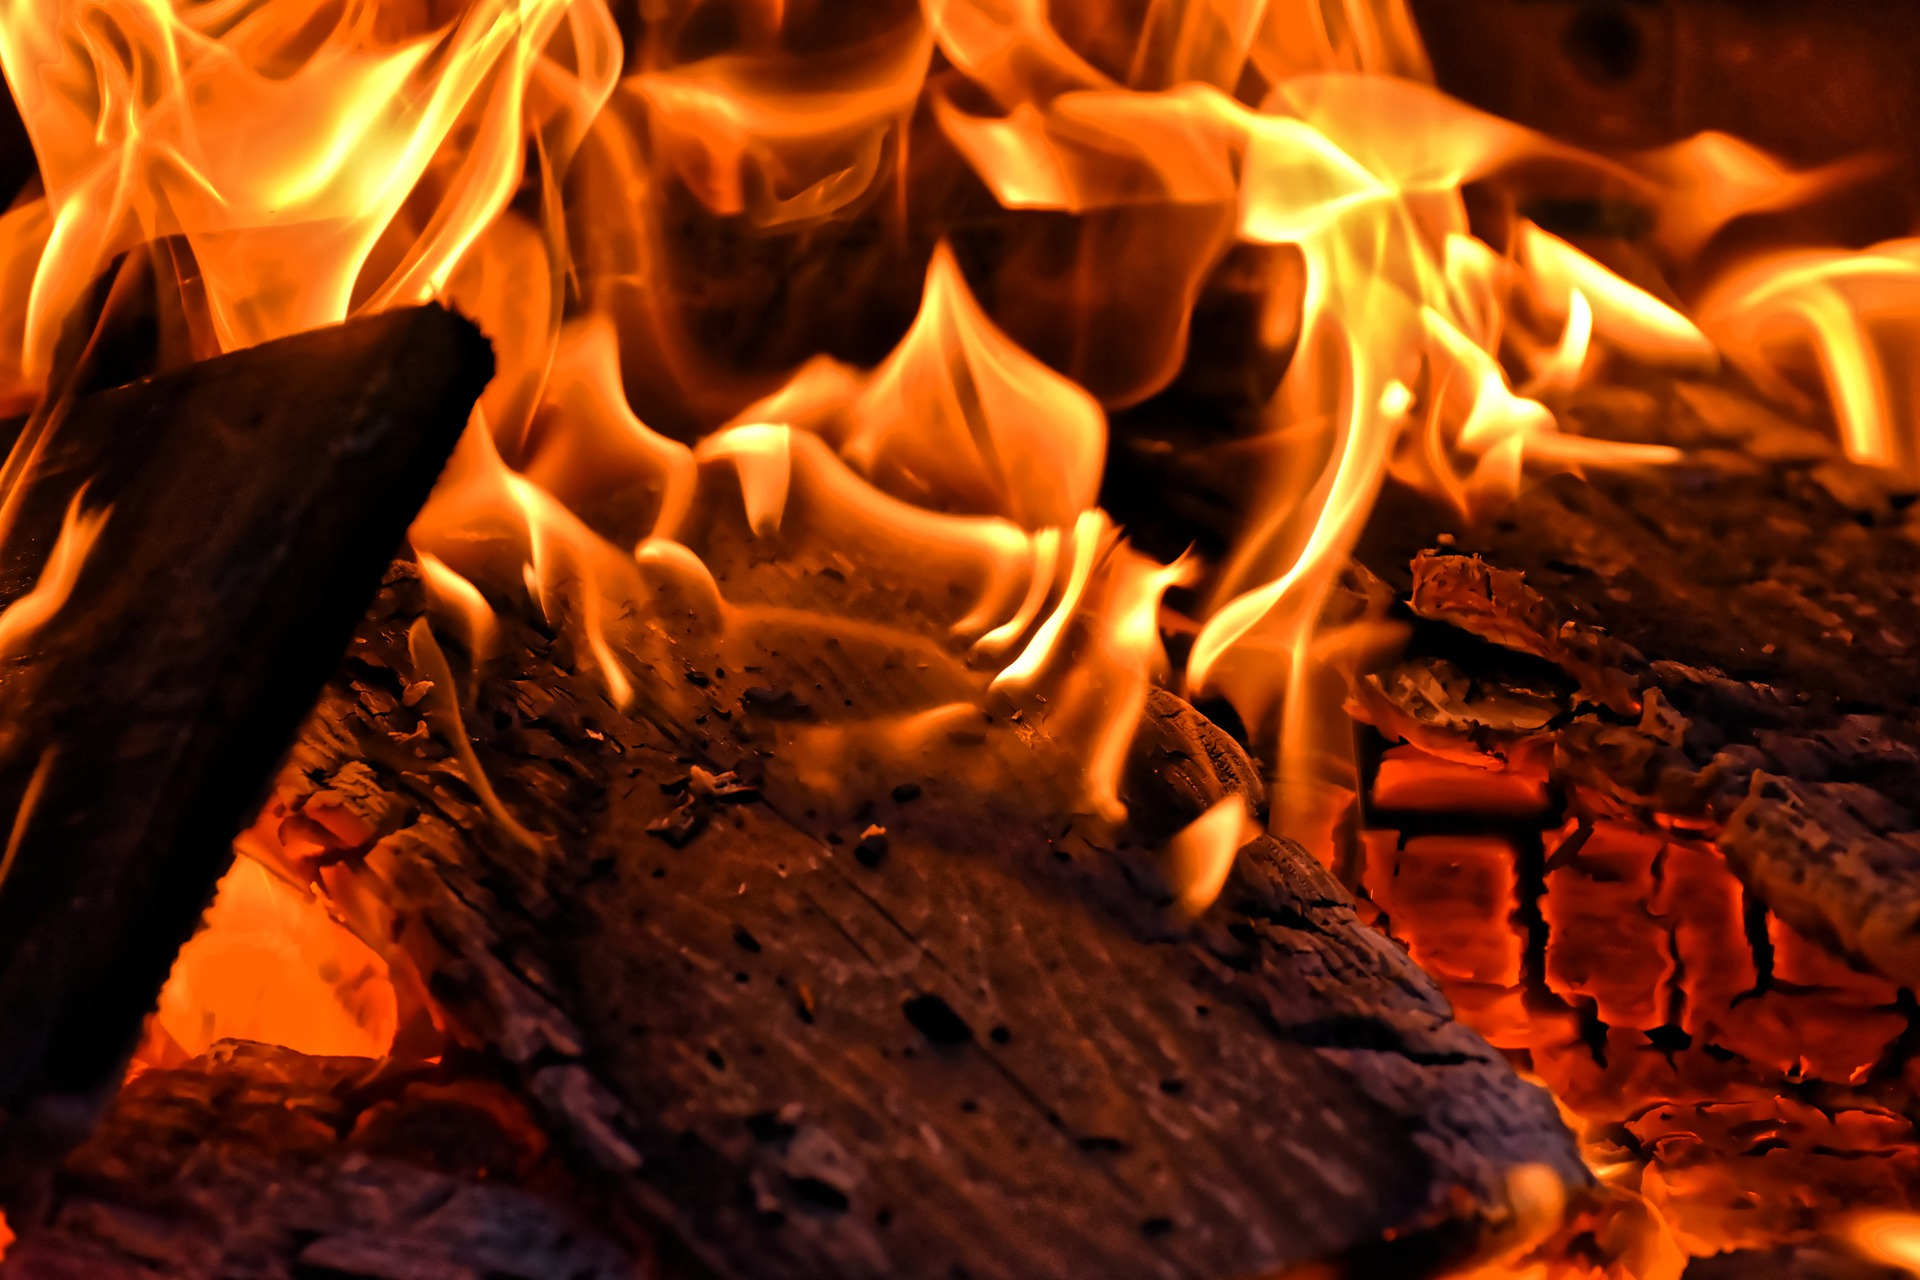 Changer Sa Cheminée Pour Poele Bois pour rester bien au chaud devant sa cheminée en limitant la